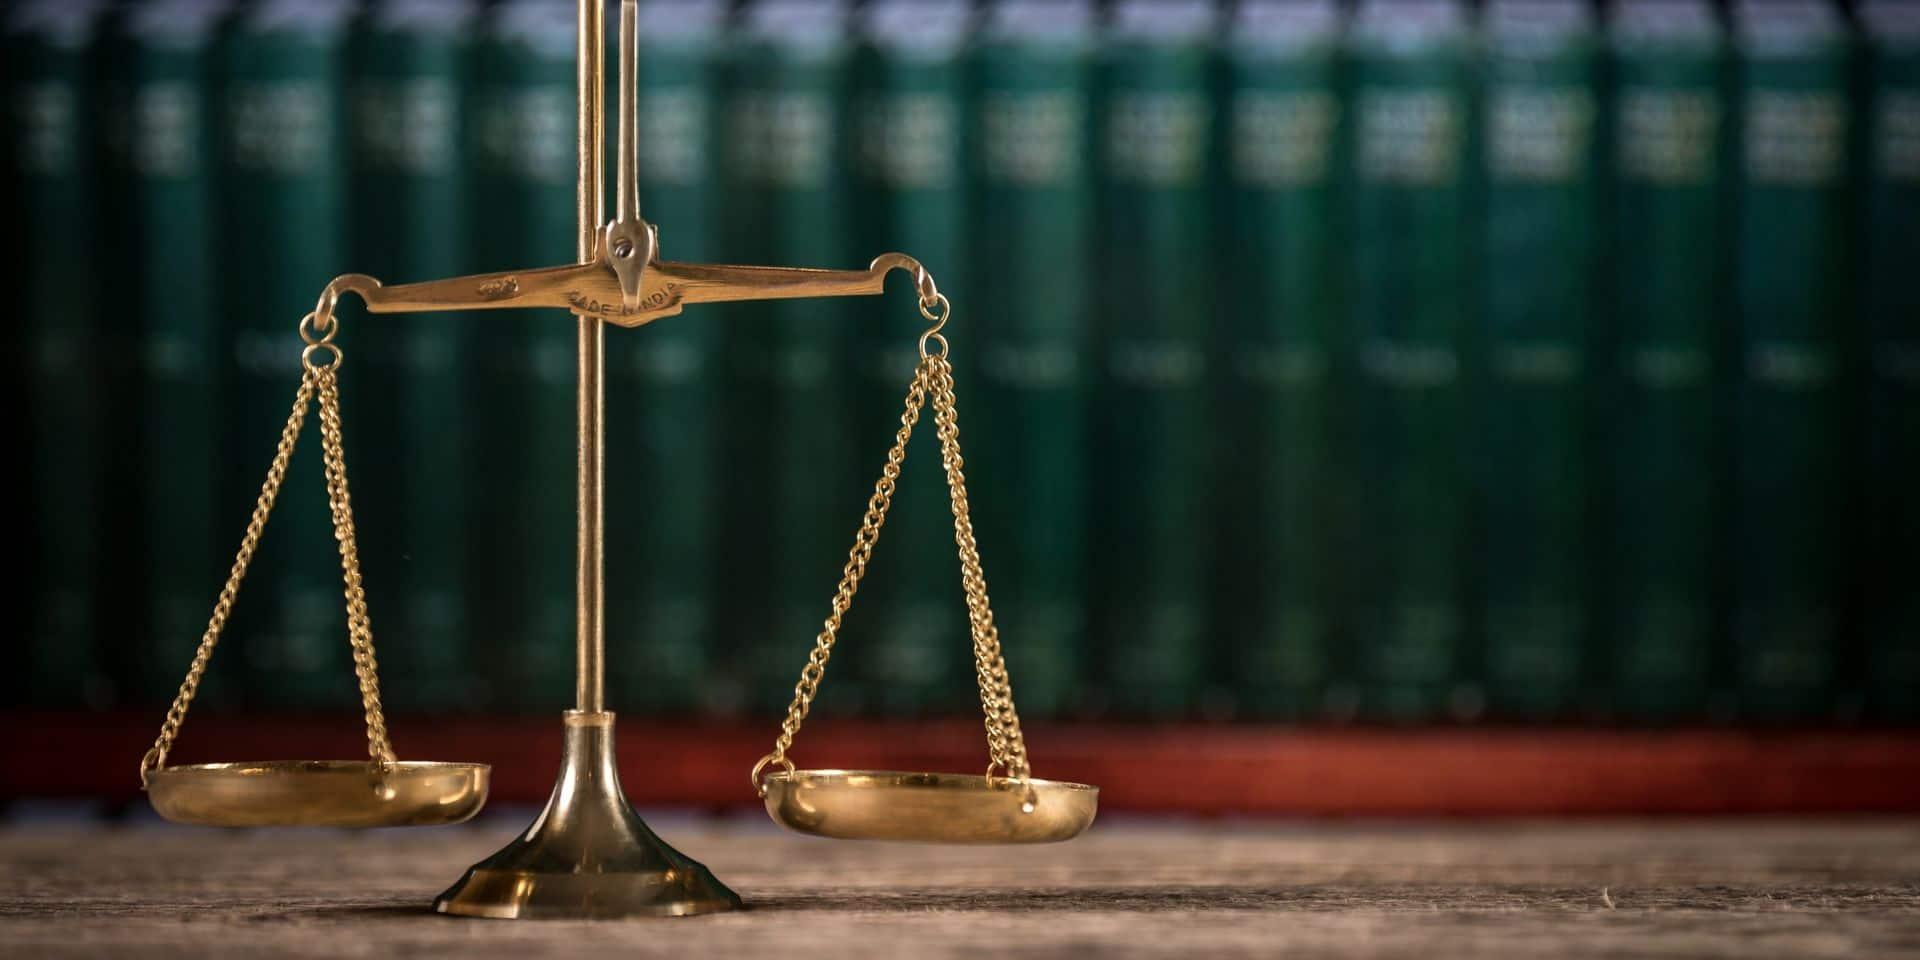 """Une jurée d'assises risque gros après s'être répandue sur Facebook: """"Je voulais la perpétuité"""""""